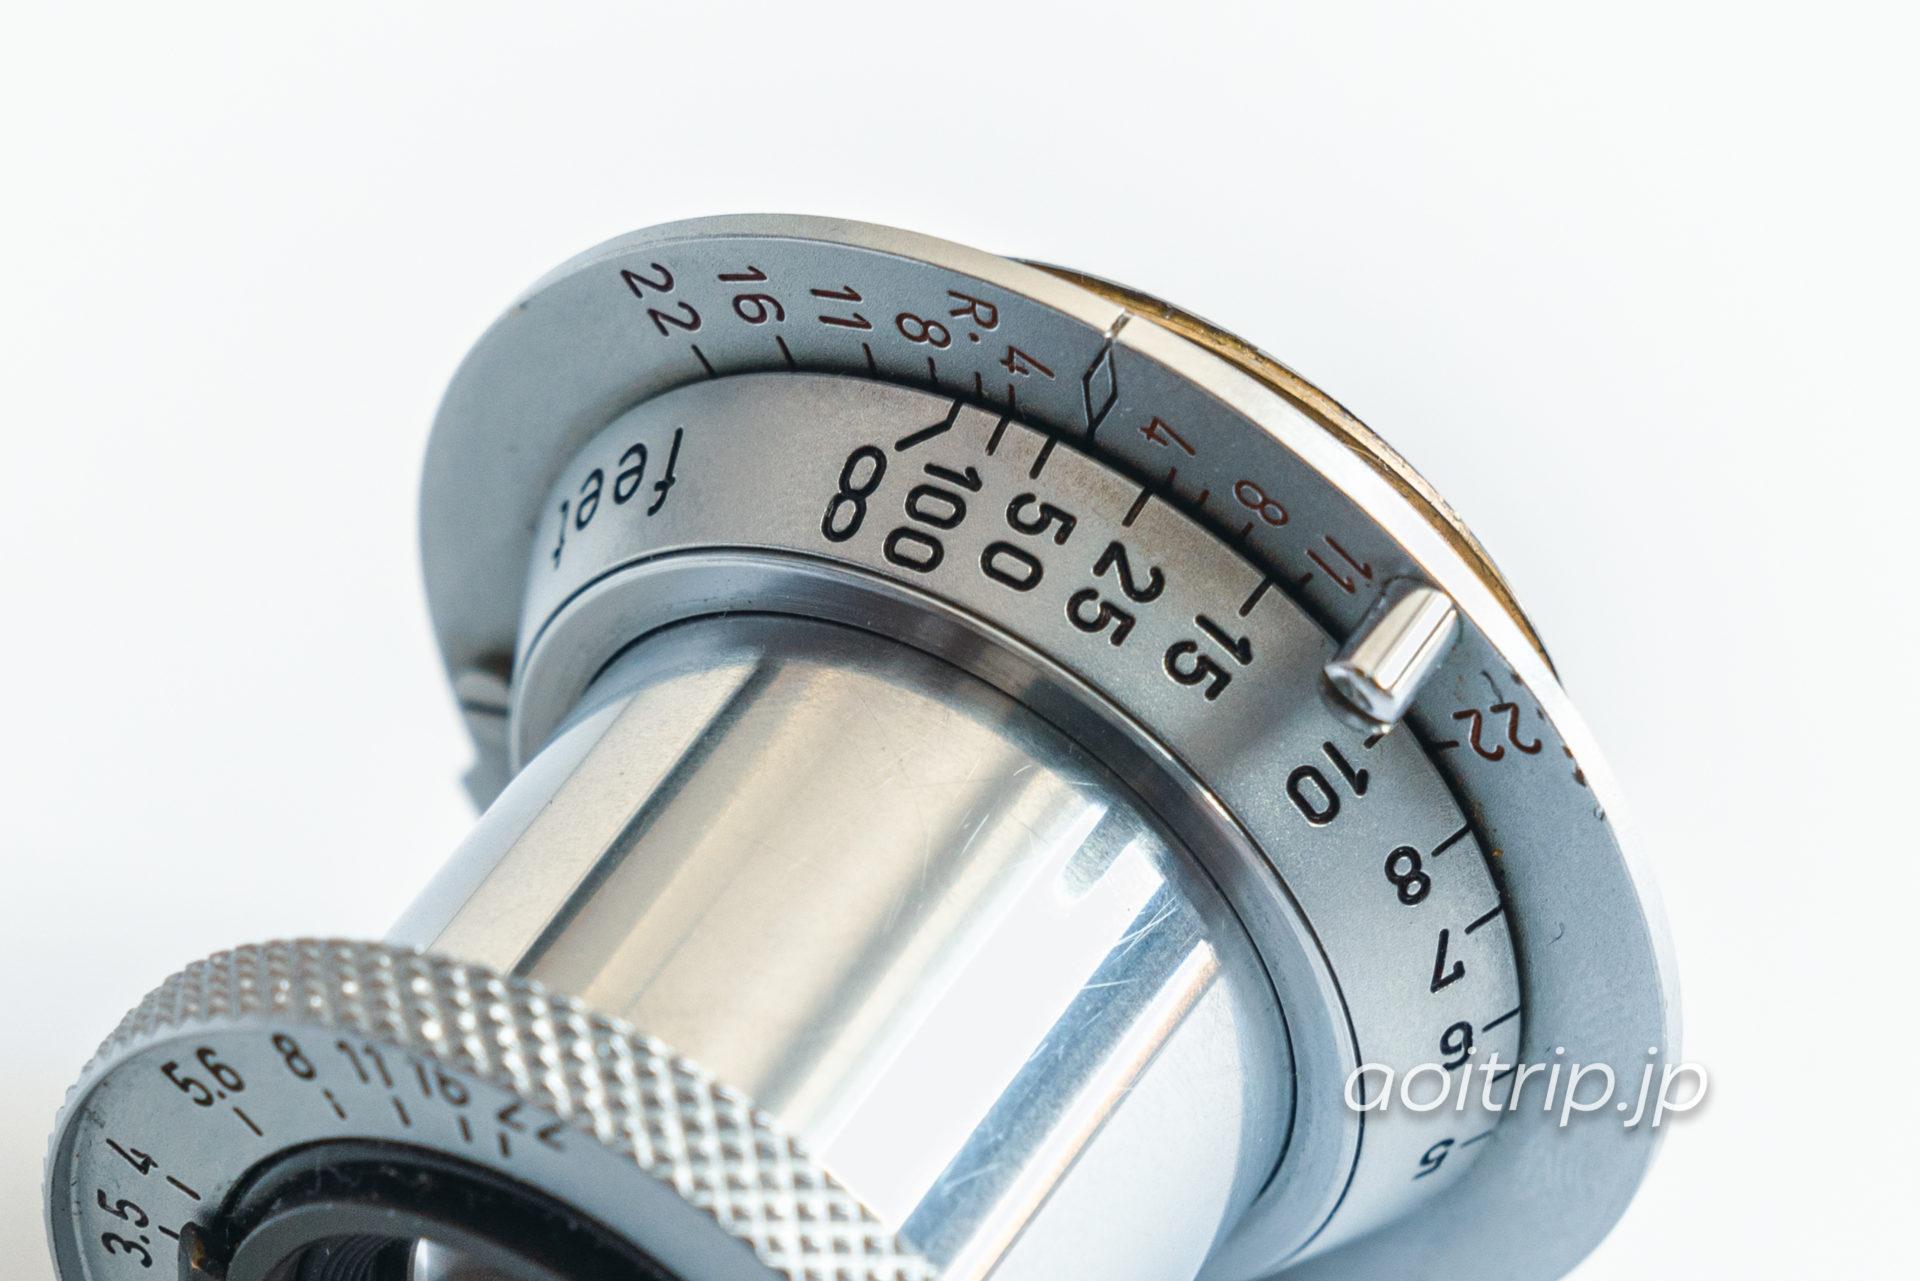 ライカ50mm F3.5 赤エルマー ダイヤモンドマーク(Leica 50mm F3.5 Red elmar with diamond mark)|オールドレンズ